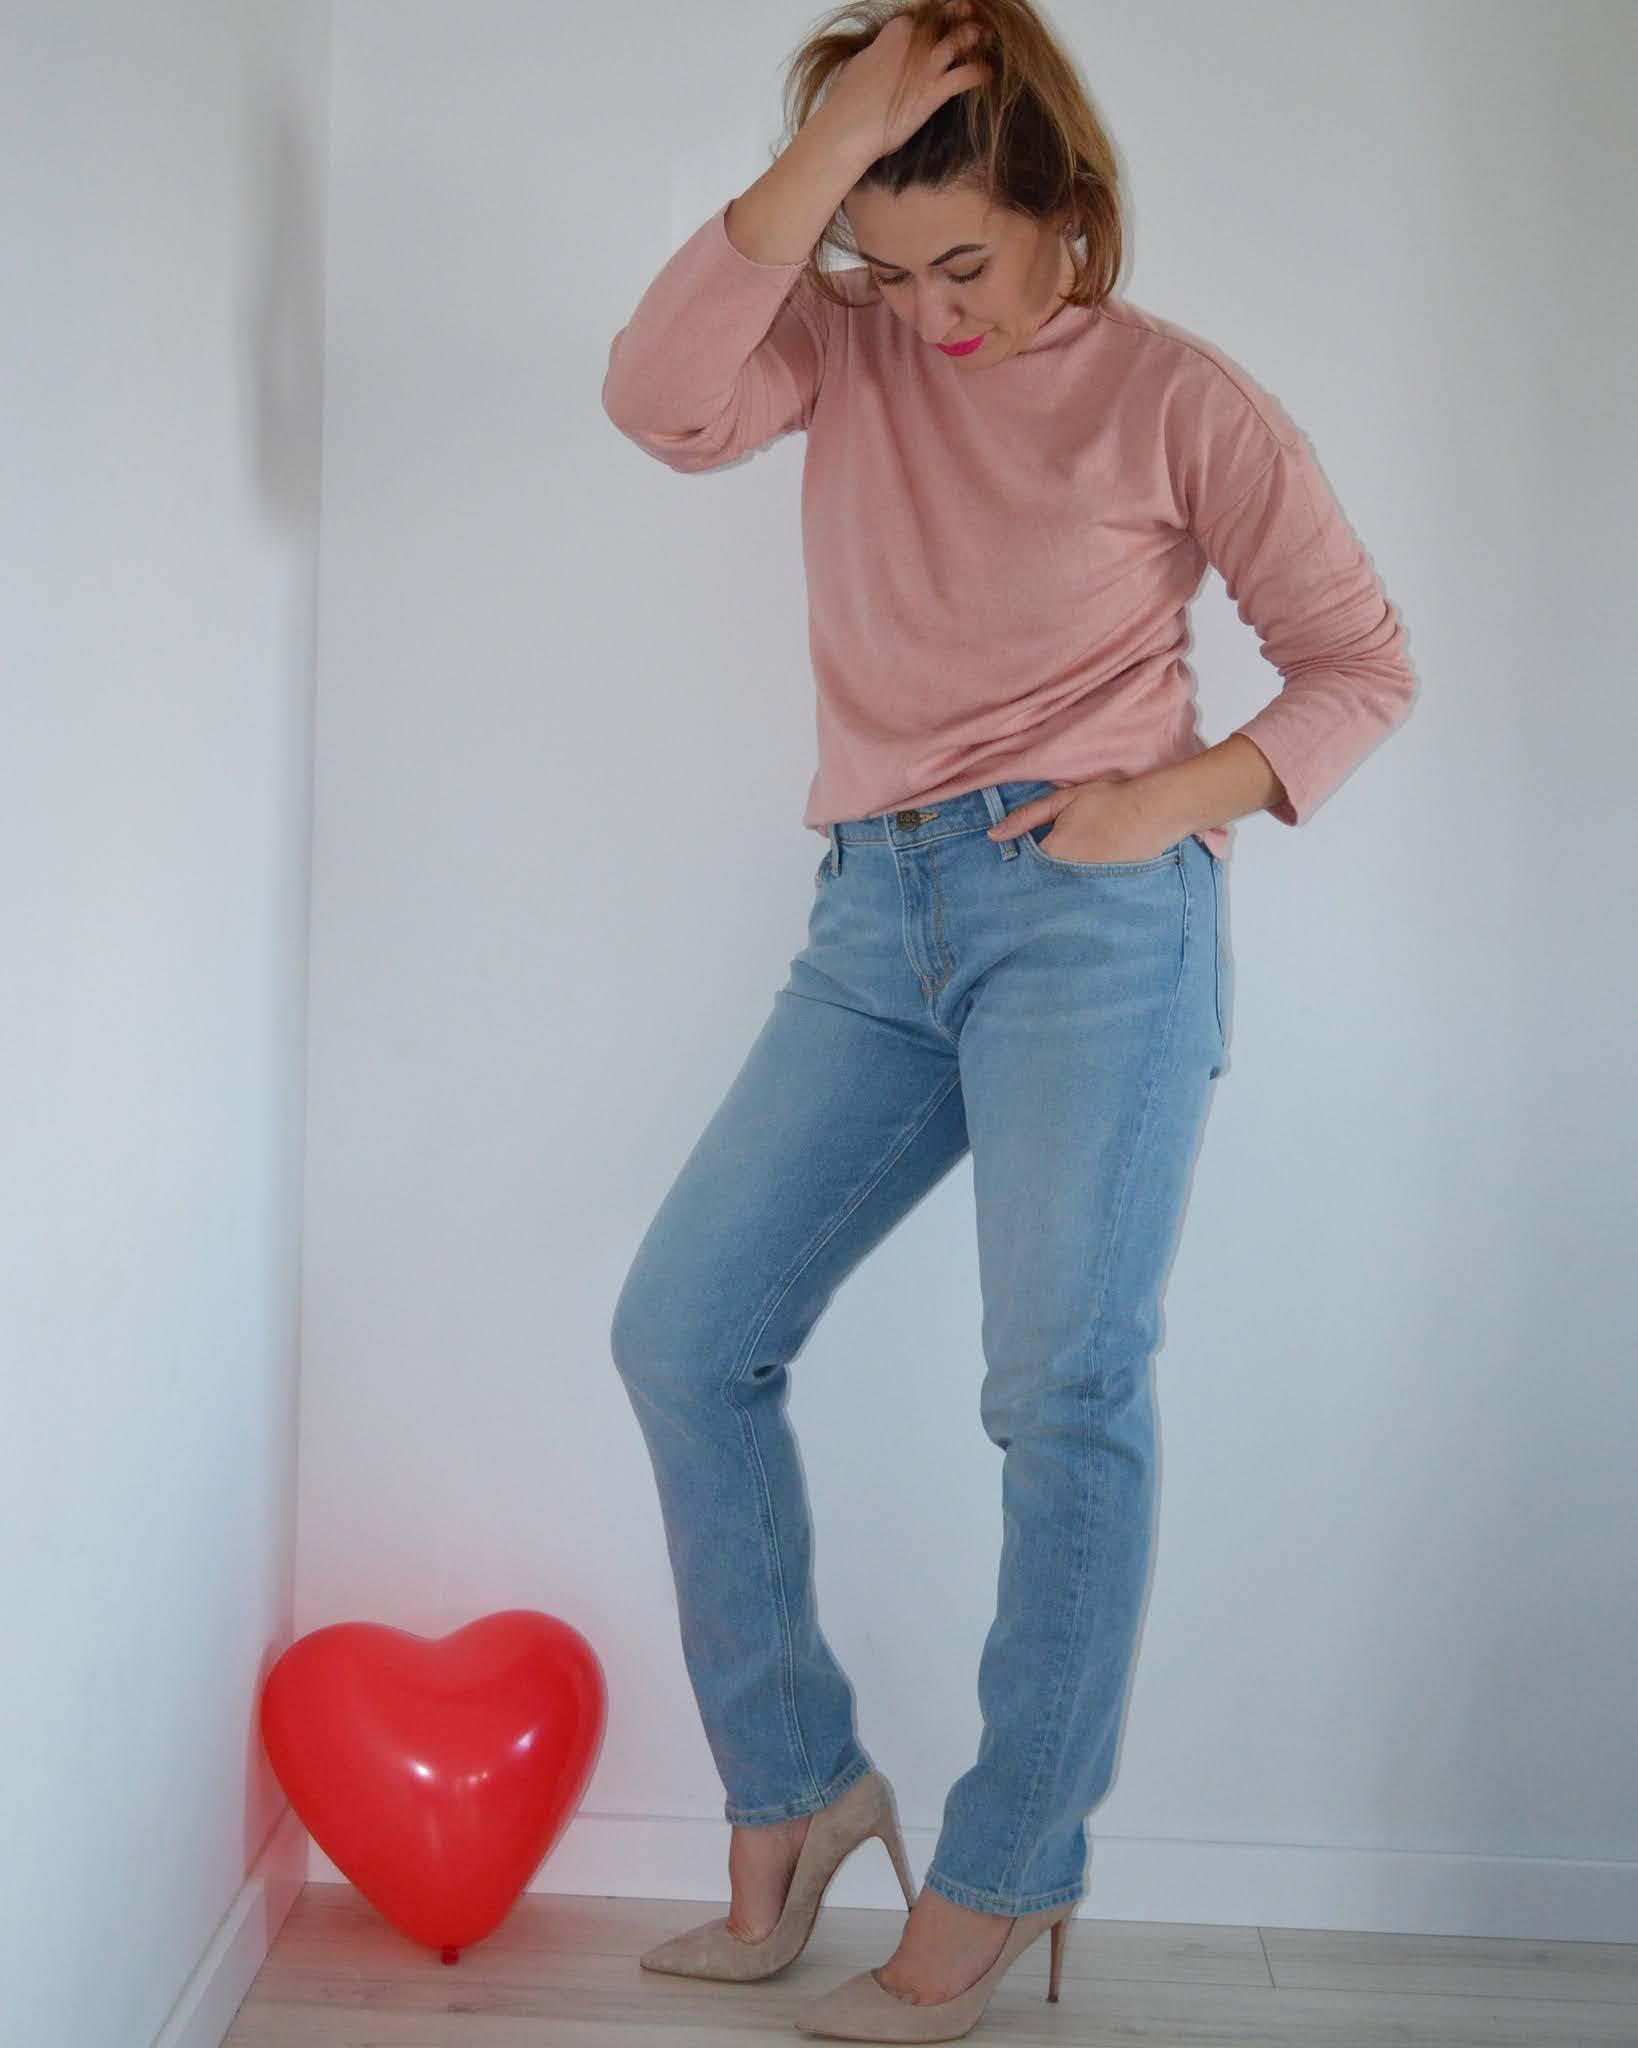 dzianinowe swetry Bonprix;jedwab;bawełna;fashion;moda;zamszowe szpilki Reserved;wiosenna stylizacja;blogerka modowa Wrocław;40+;40 plus fashion;40 plus styl;jeansy lee;stylizacja;